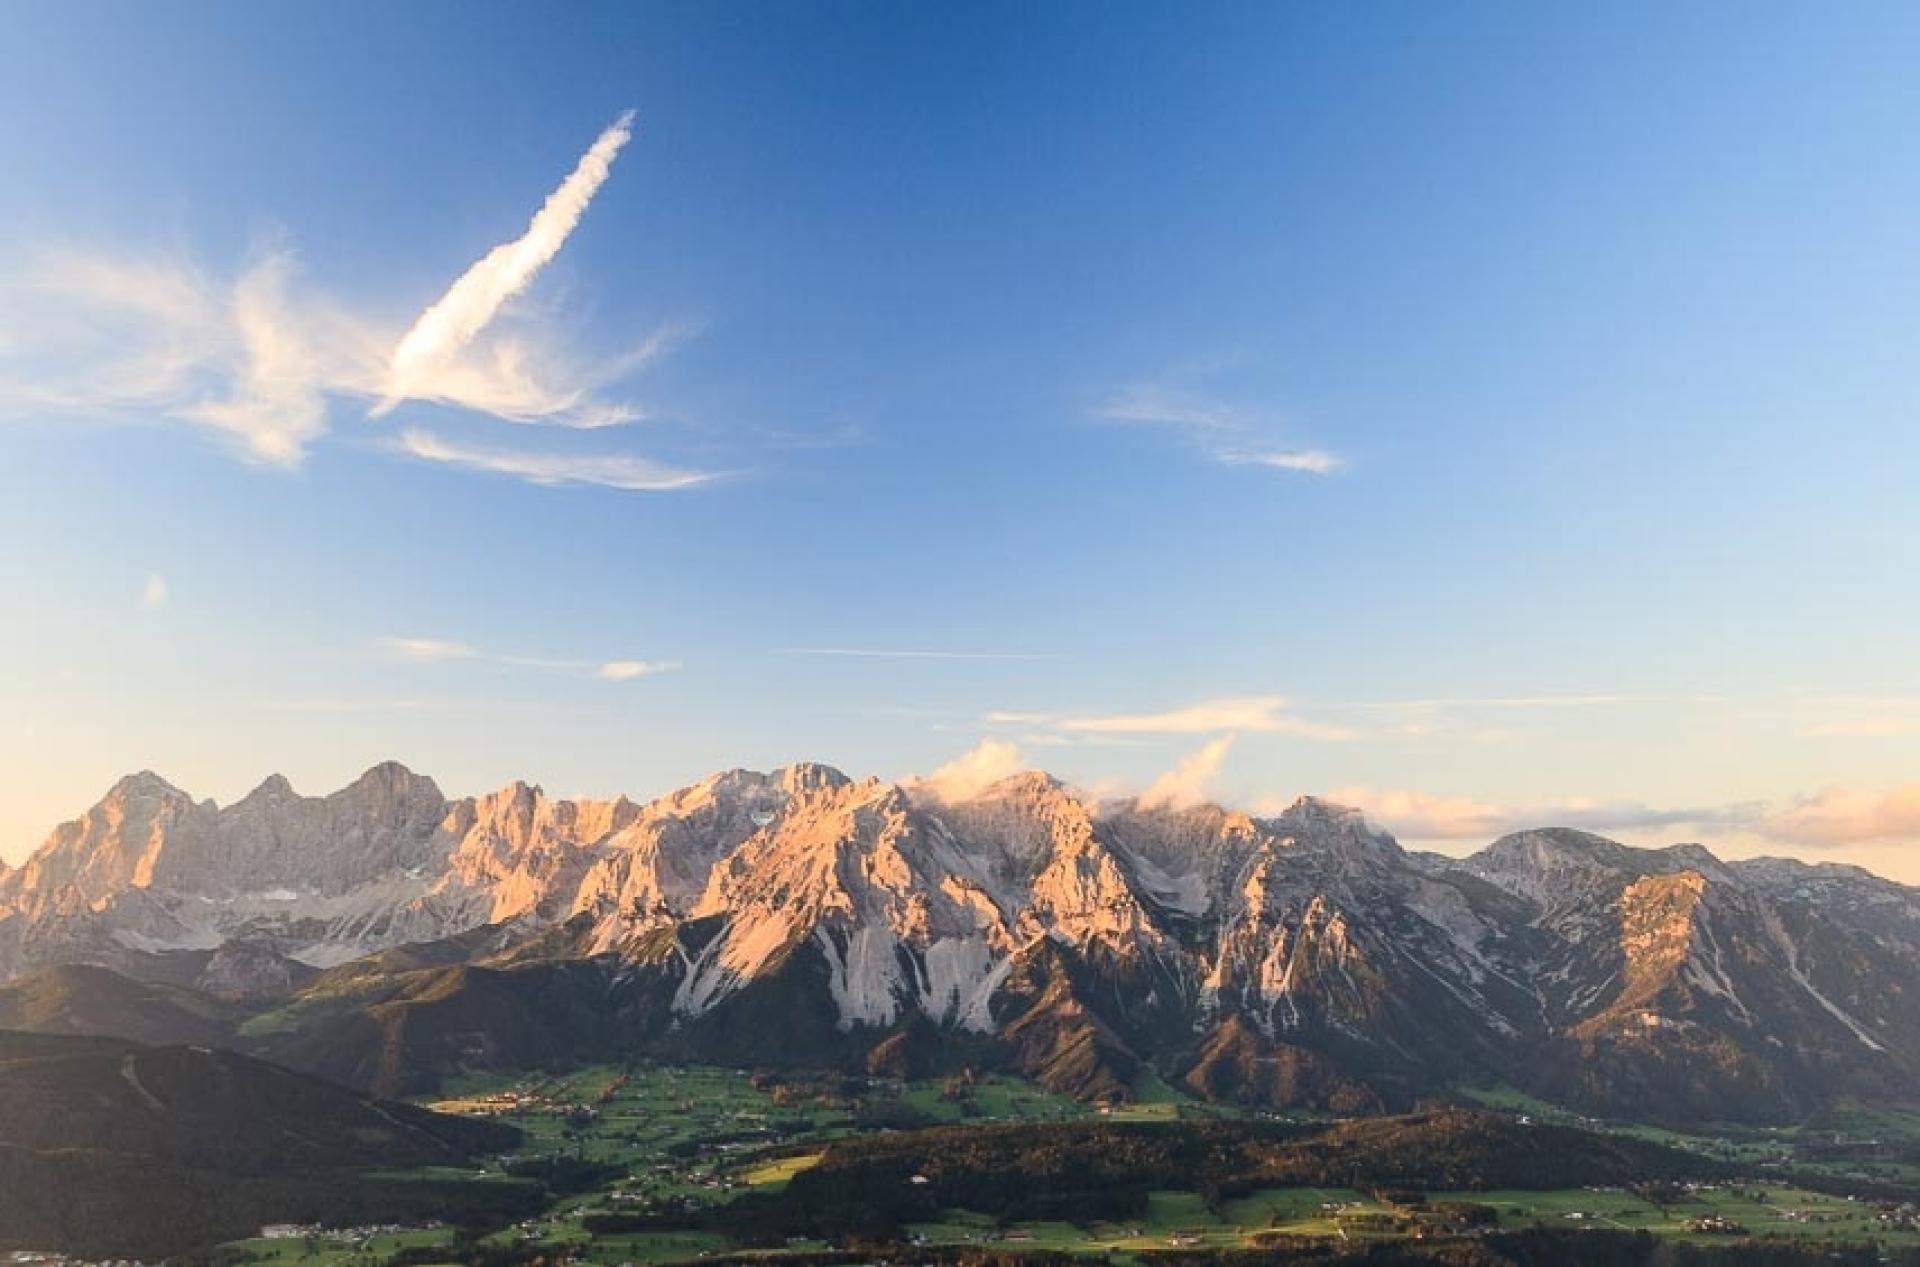 Fotoworkshop Ramsau – Naturfotografie am Fuße des Dachsteins - Canon Academy Landschaft- und Reise